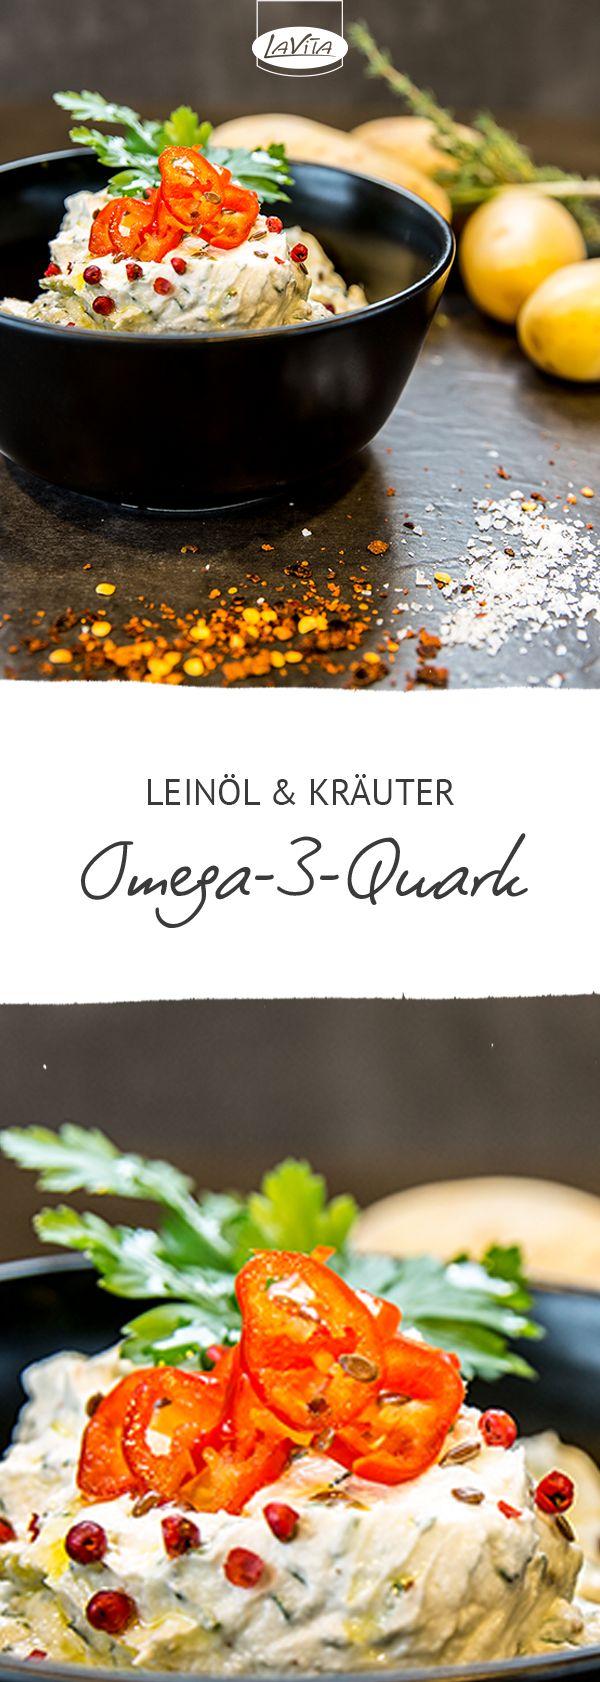 Omega-3-Quark mit Leinöl und frischen Kräutern